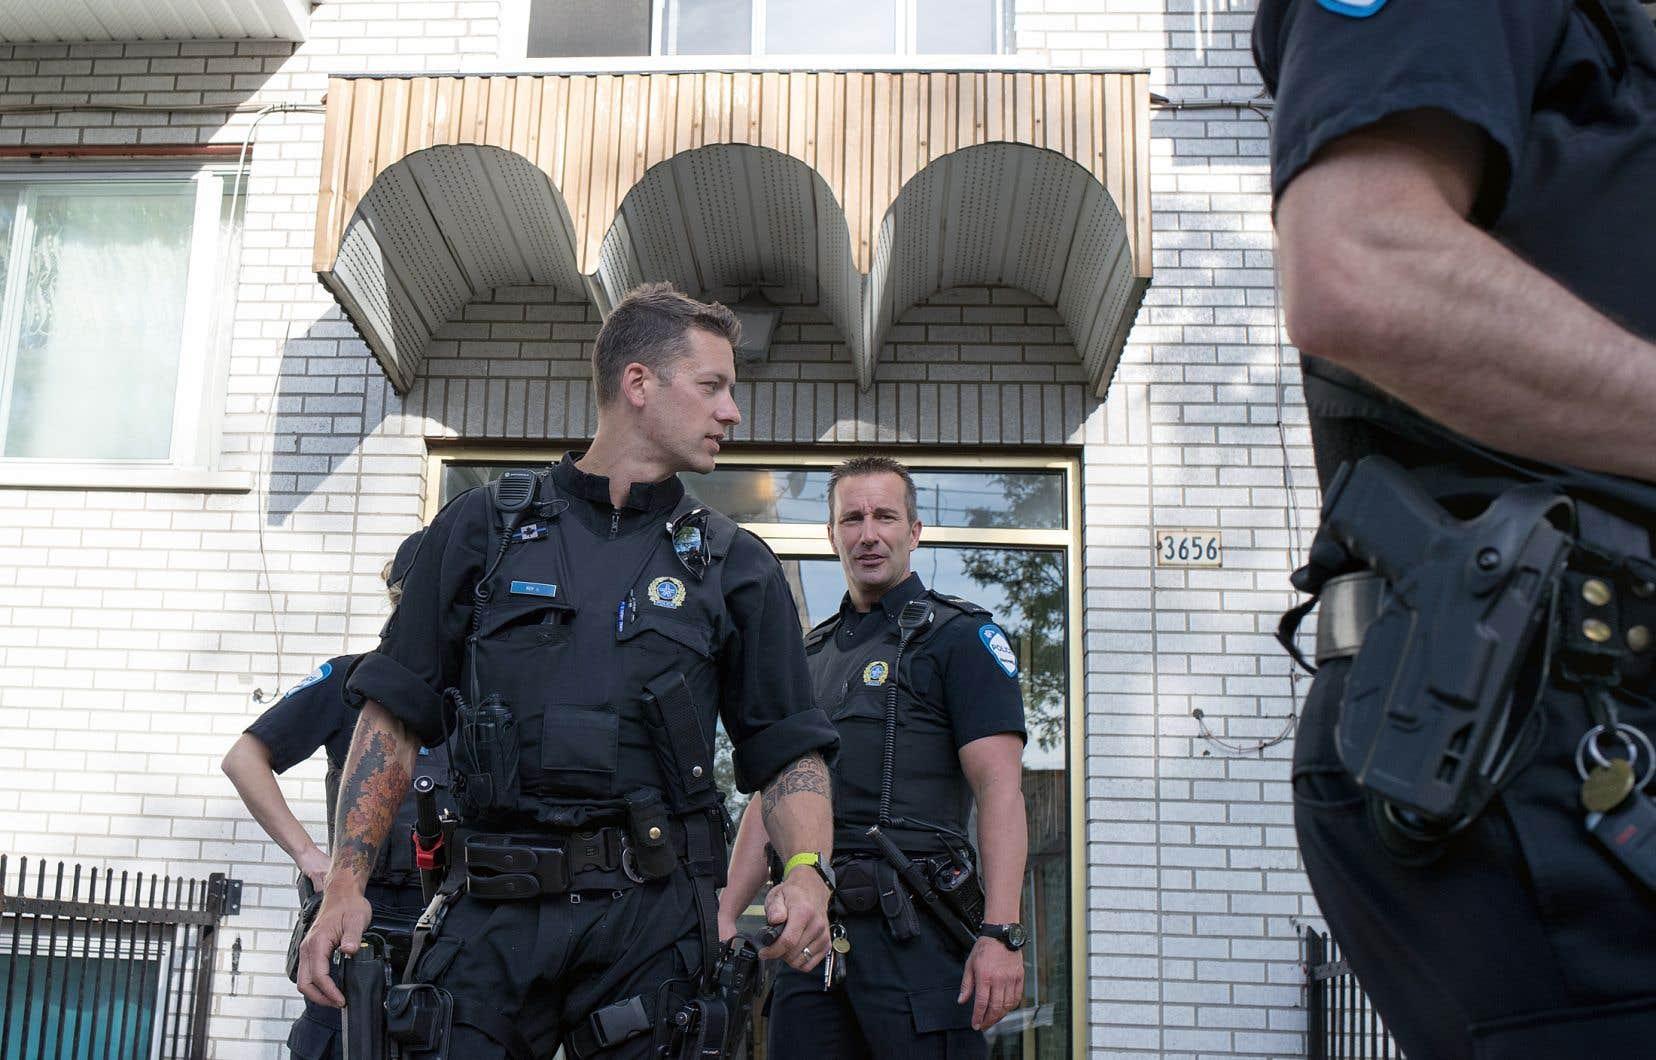 Les rapports entre policiers et citoyens seraient différents si les policiers ne portaient pas d'arme, surtout dans des secteurs qui ont un historique de rapports tendus, comme Montréal-Nord, avancent des experts.